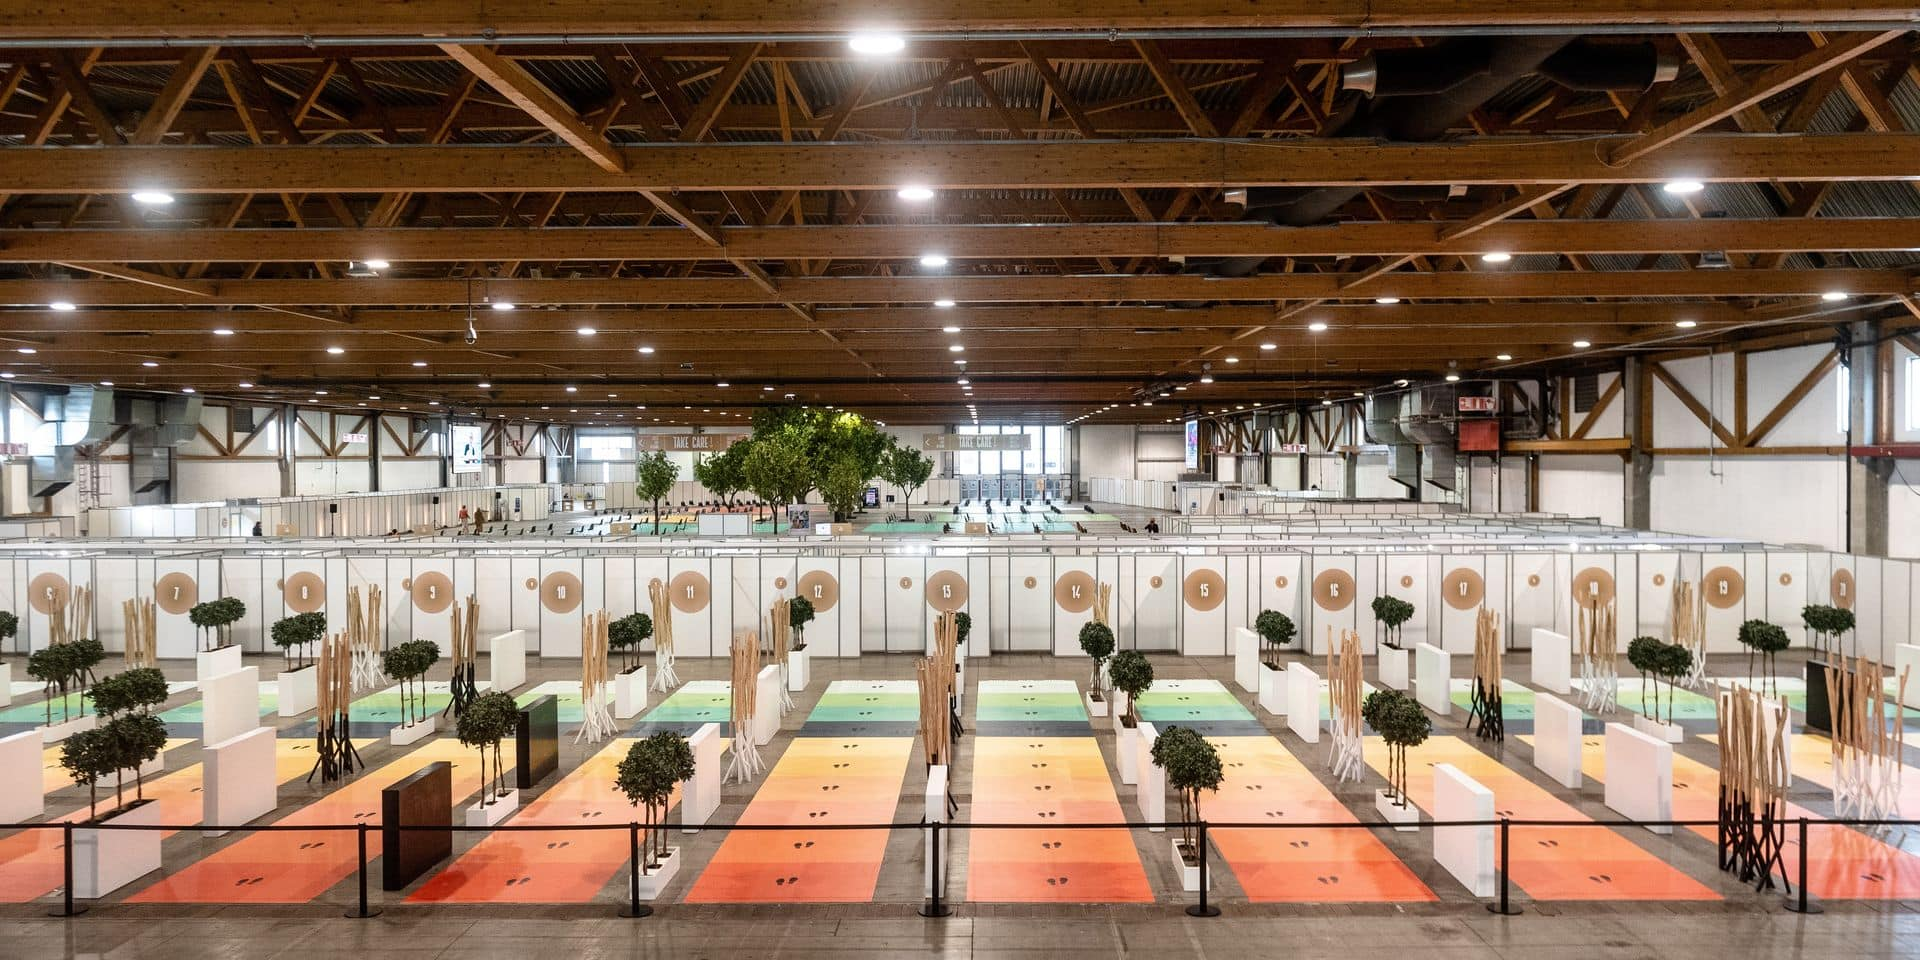 Bruxelles - Brussels Expo (Heysel) : Palais 1 - Centre de vaccination covid-19 - Le plus grand centre de vaccination de Belgique ouvre ses portes. La structure présente 20 box de vaccination: pour l'instant, le centre permettra de vacciner environ 1000 p